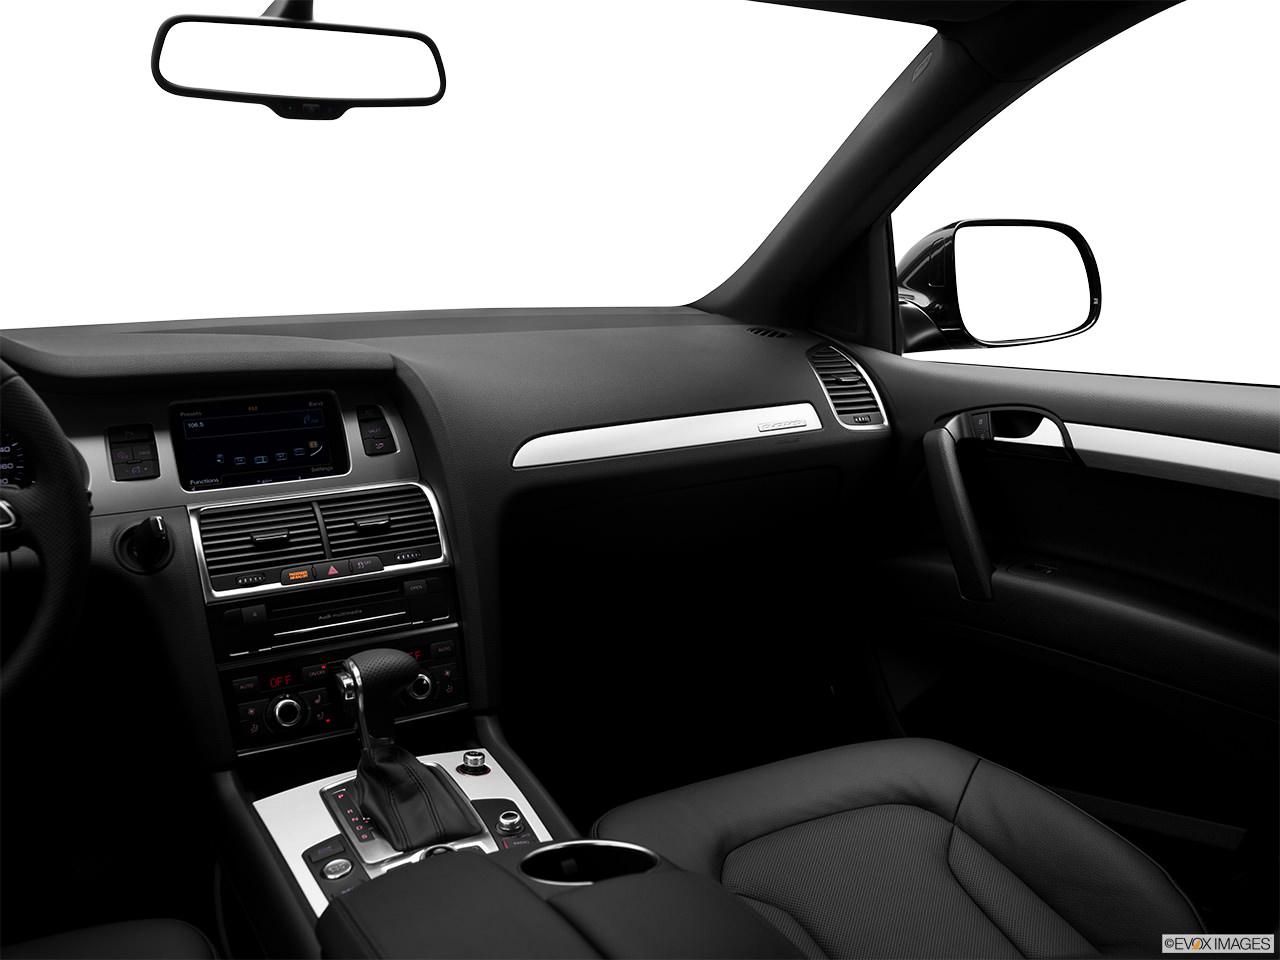 Audi Q7 TDI 2012 Interior